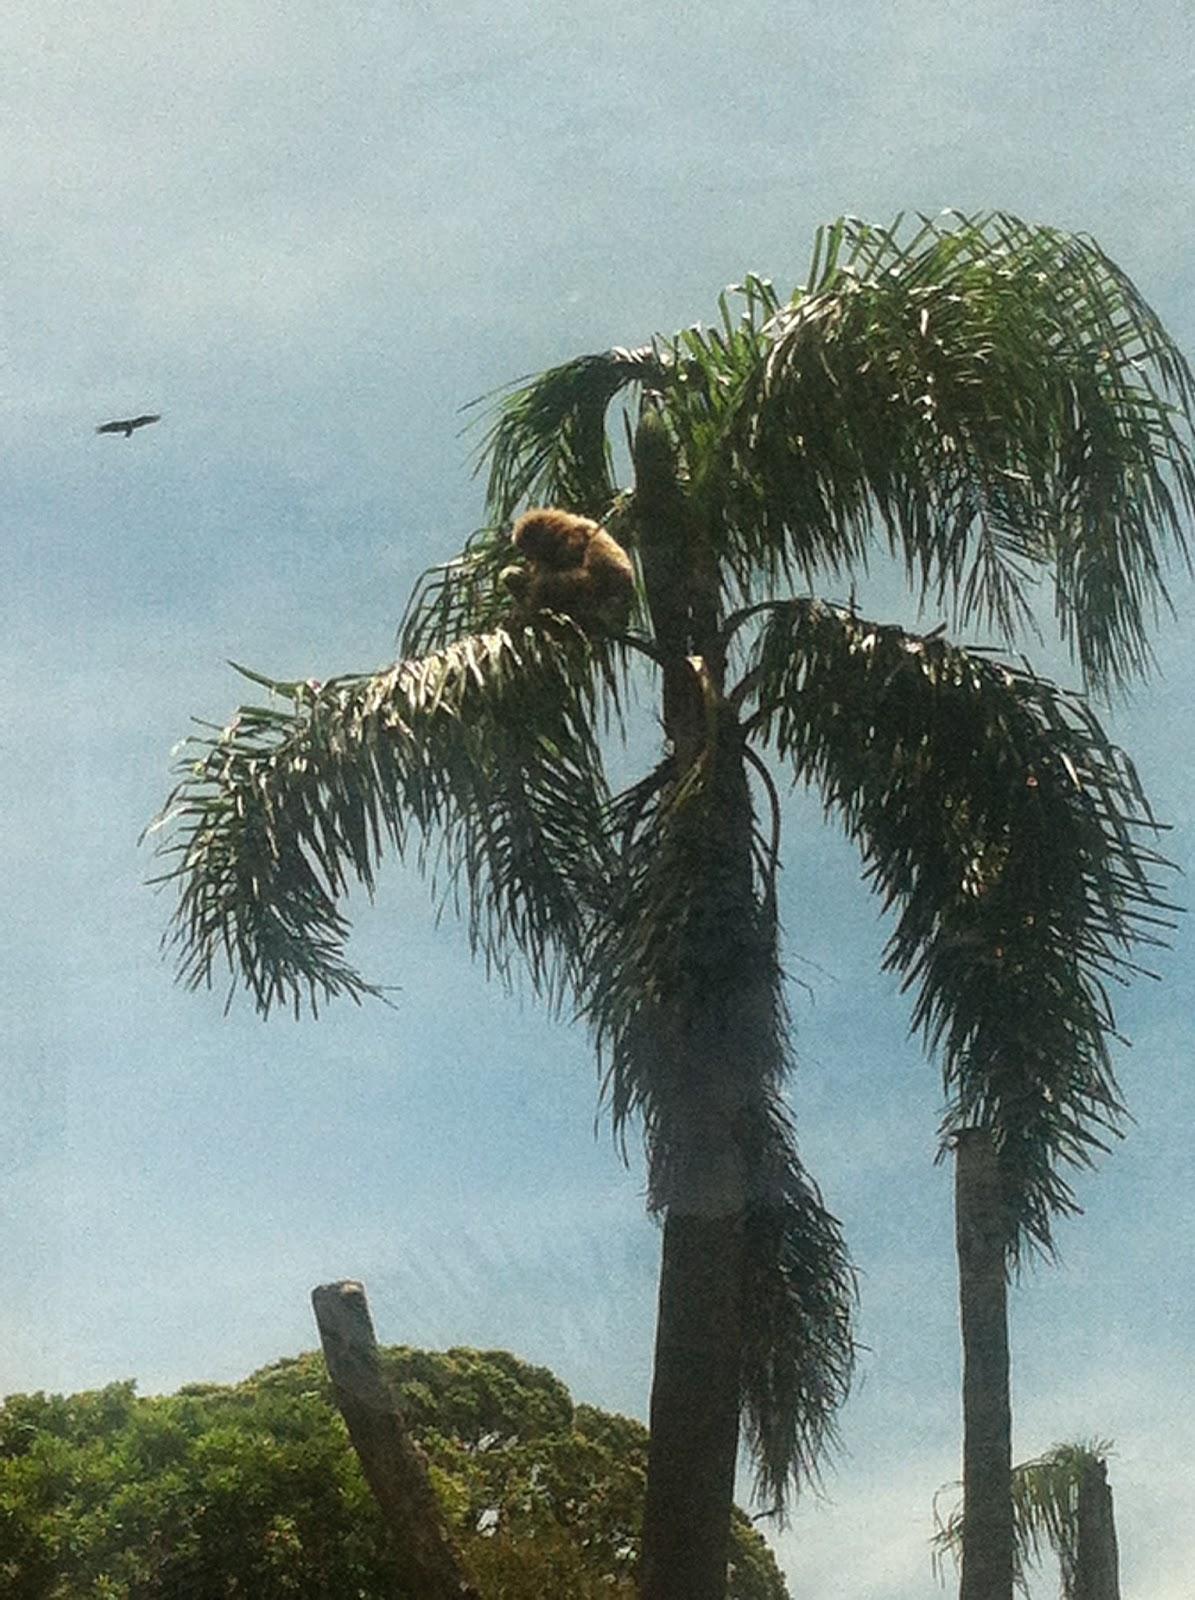 Descrição da Foto: Macaco babuíno na cor marrom claro está no topo de uma palmeira, com três estacas abaixo na vertical e uma de árvore. No fundo o céu azul e um pássaro voando.